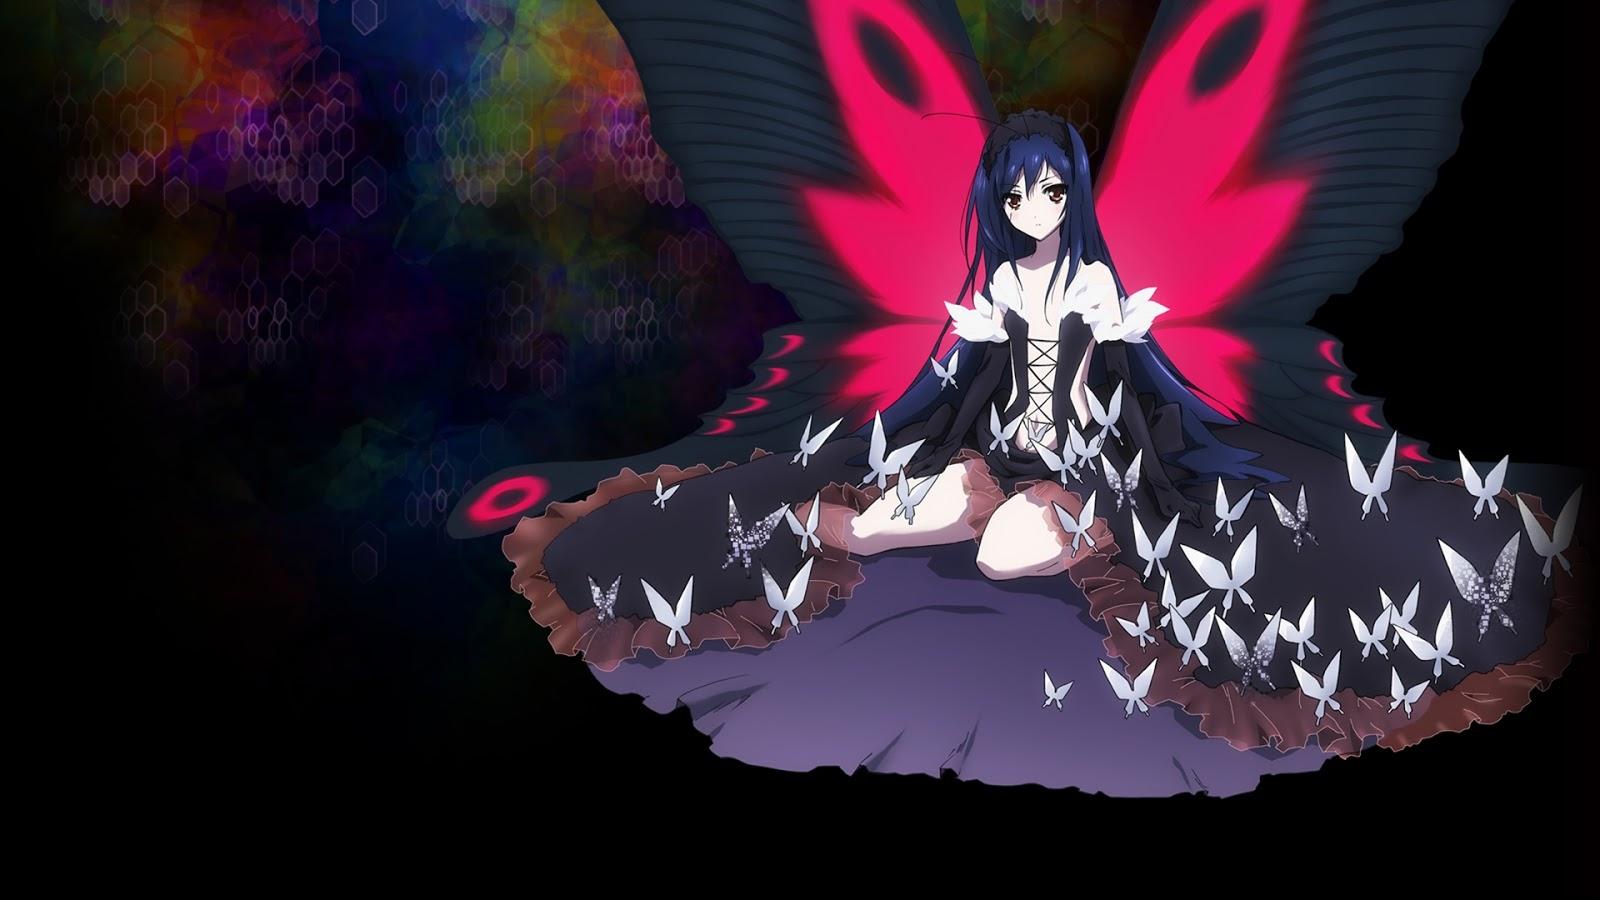 Hd Wallpaper Accel World Kuroyukihime Butterfly Wings 0003